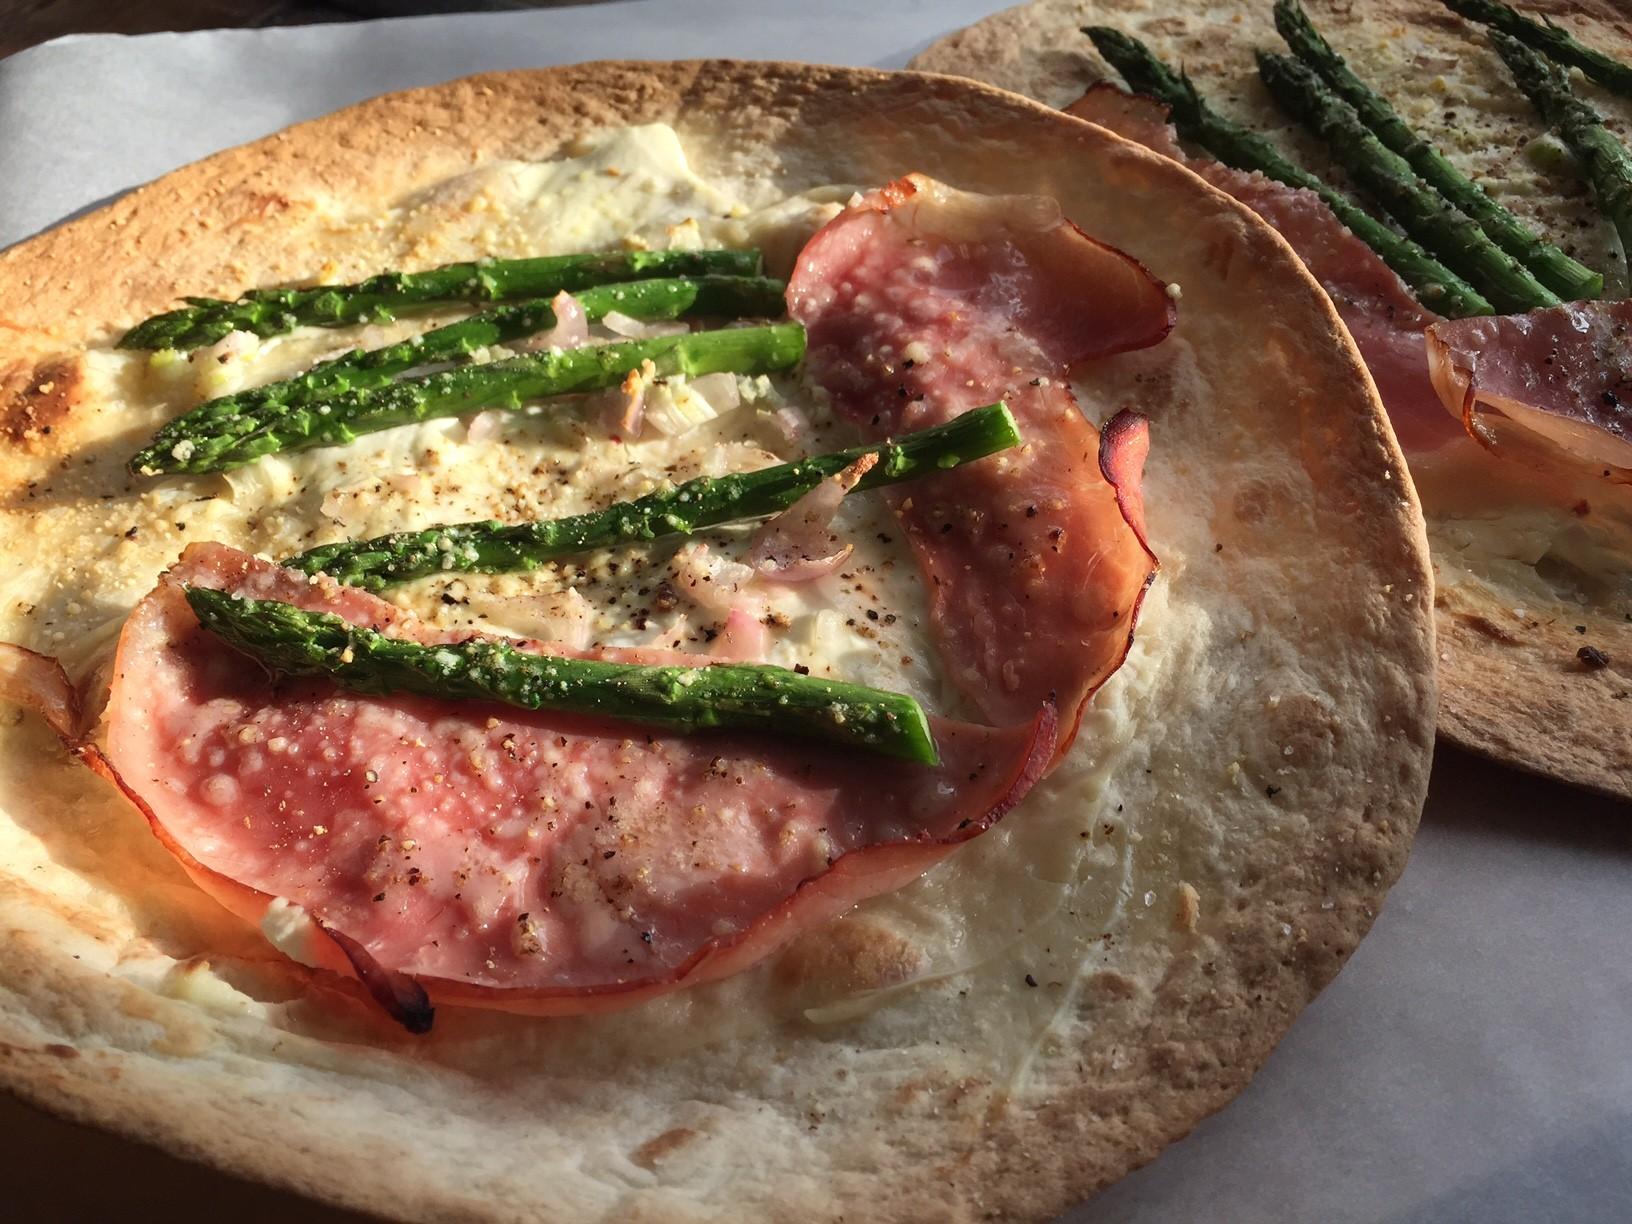 Tortizza recept met groene asperges en beenham van Foodblog Foodinista